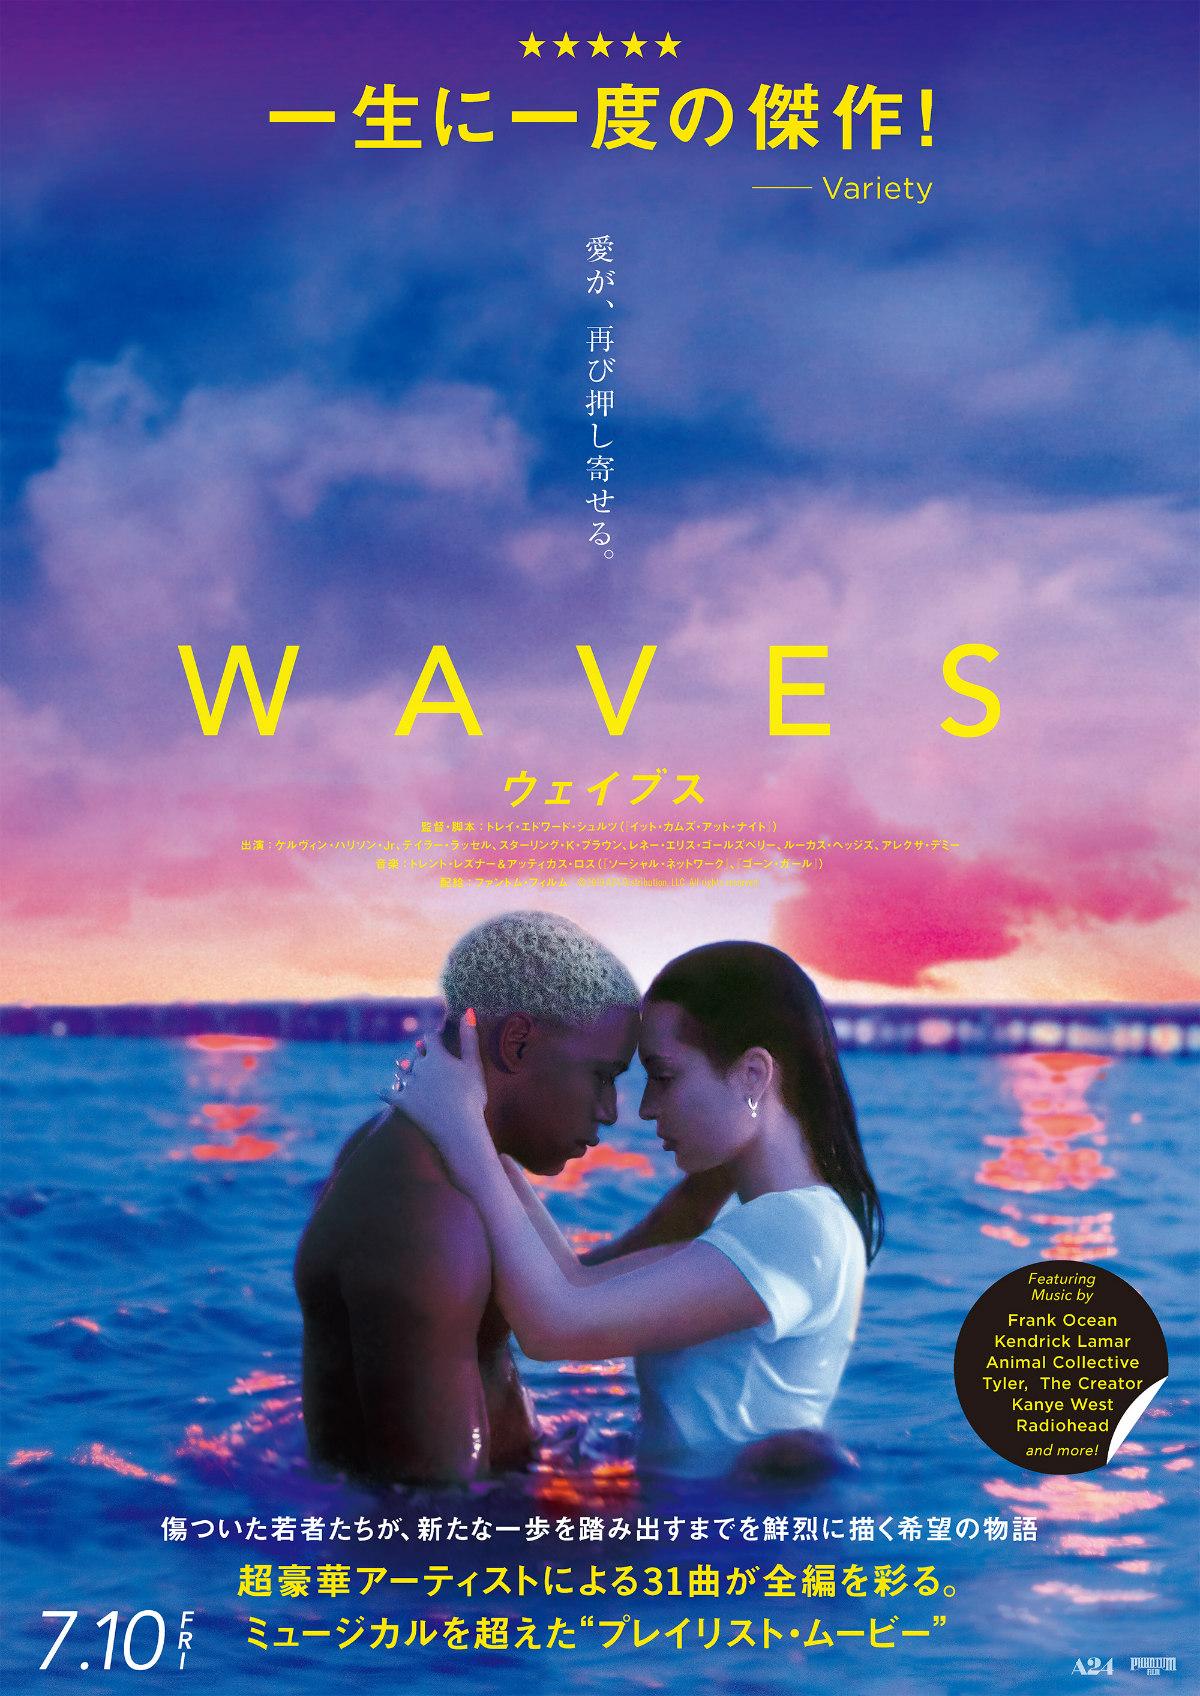 青春と挫折を描く映画『WAVES』。カニエ・ウェストらの「音楽から物語を組み立てた」話題作